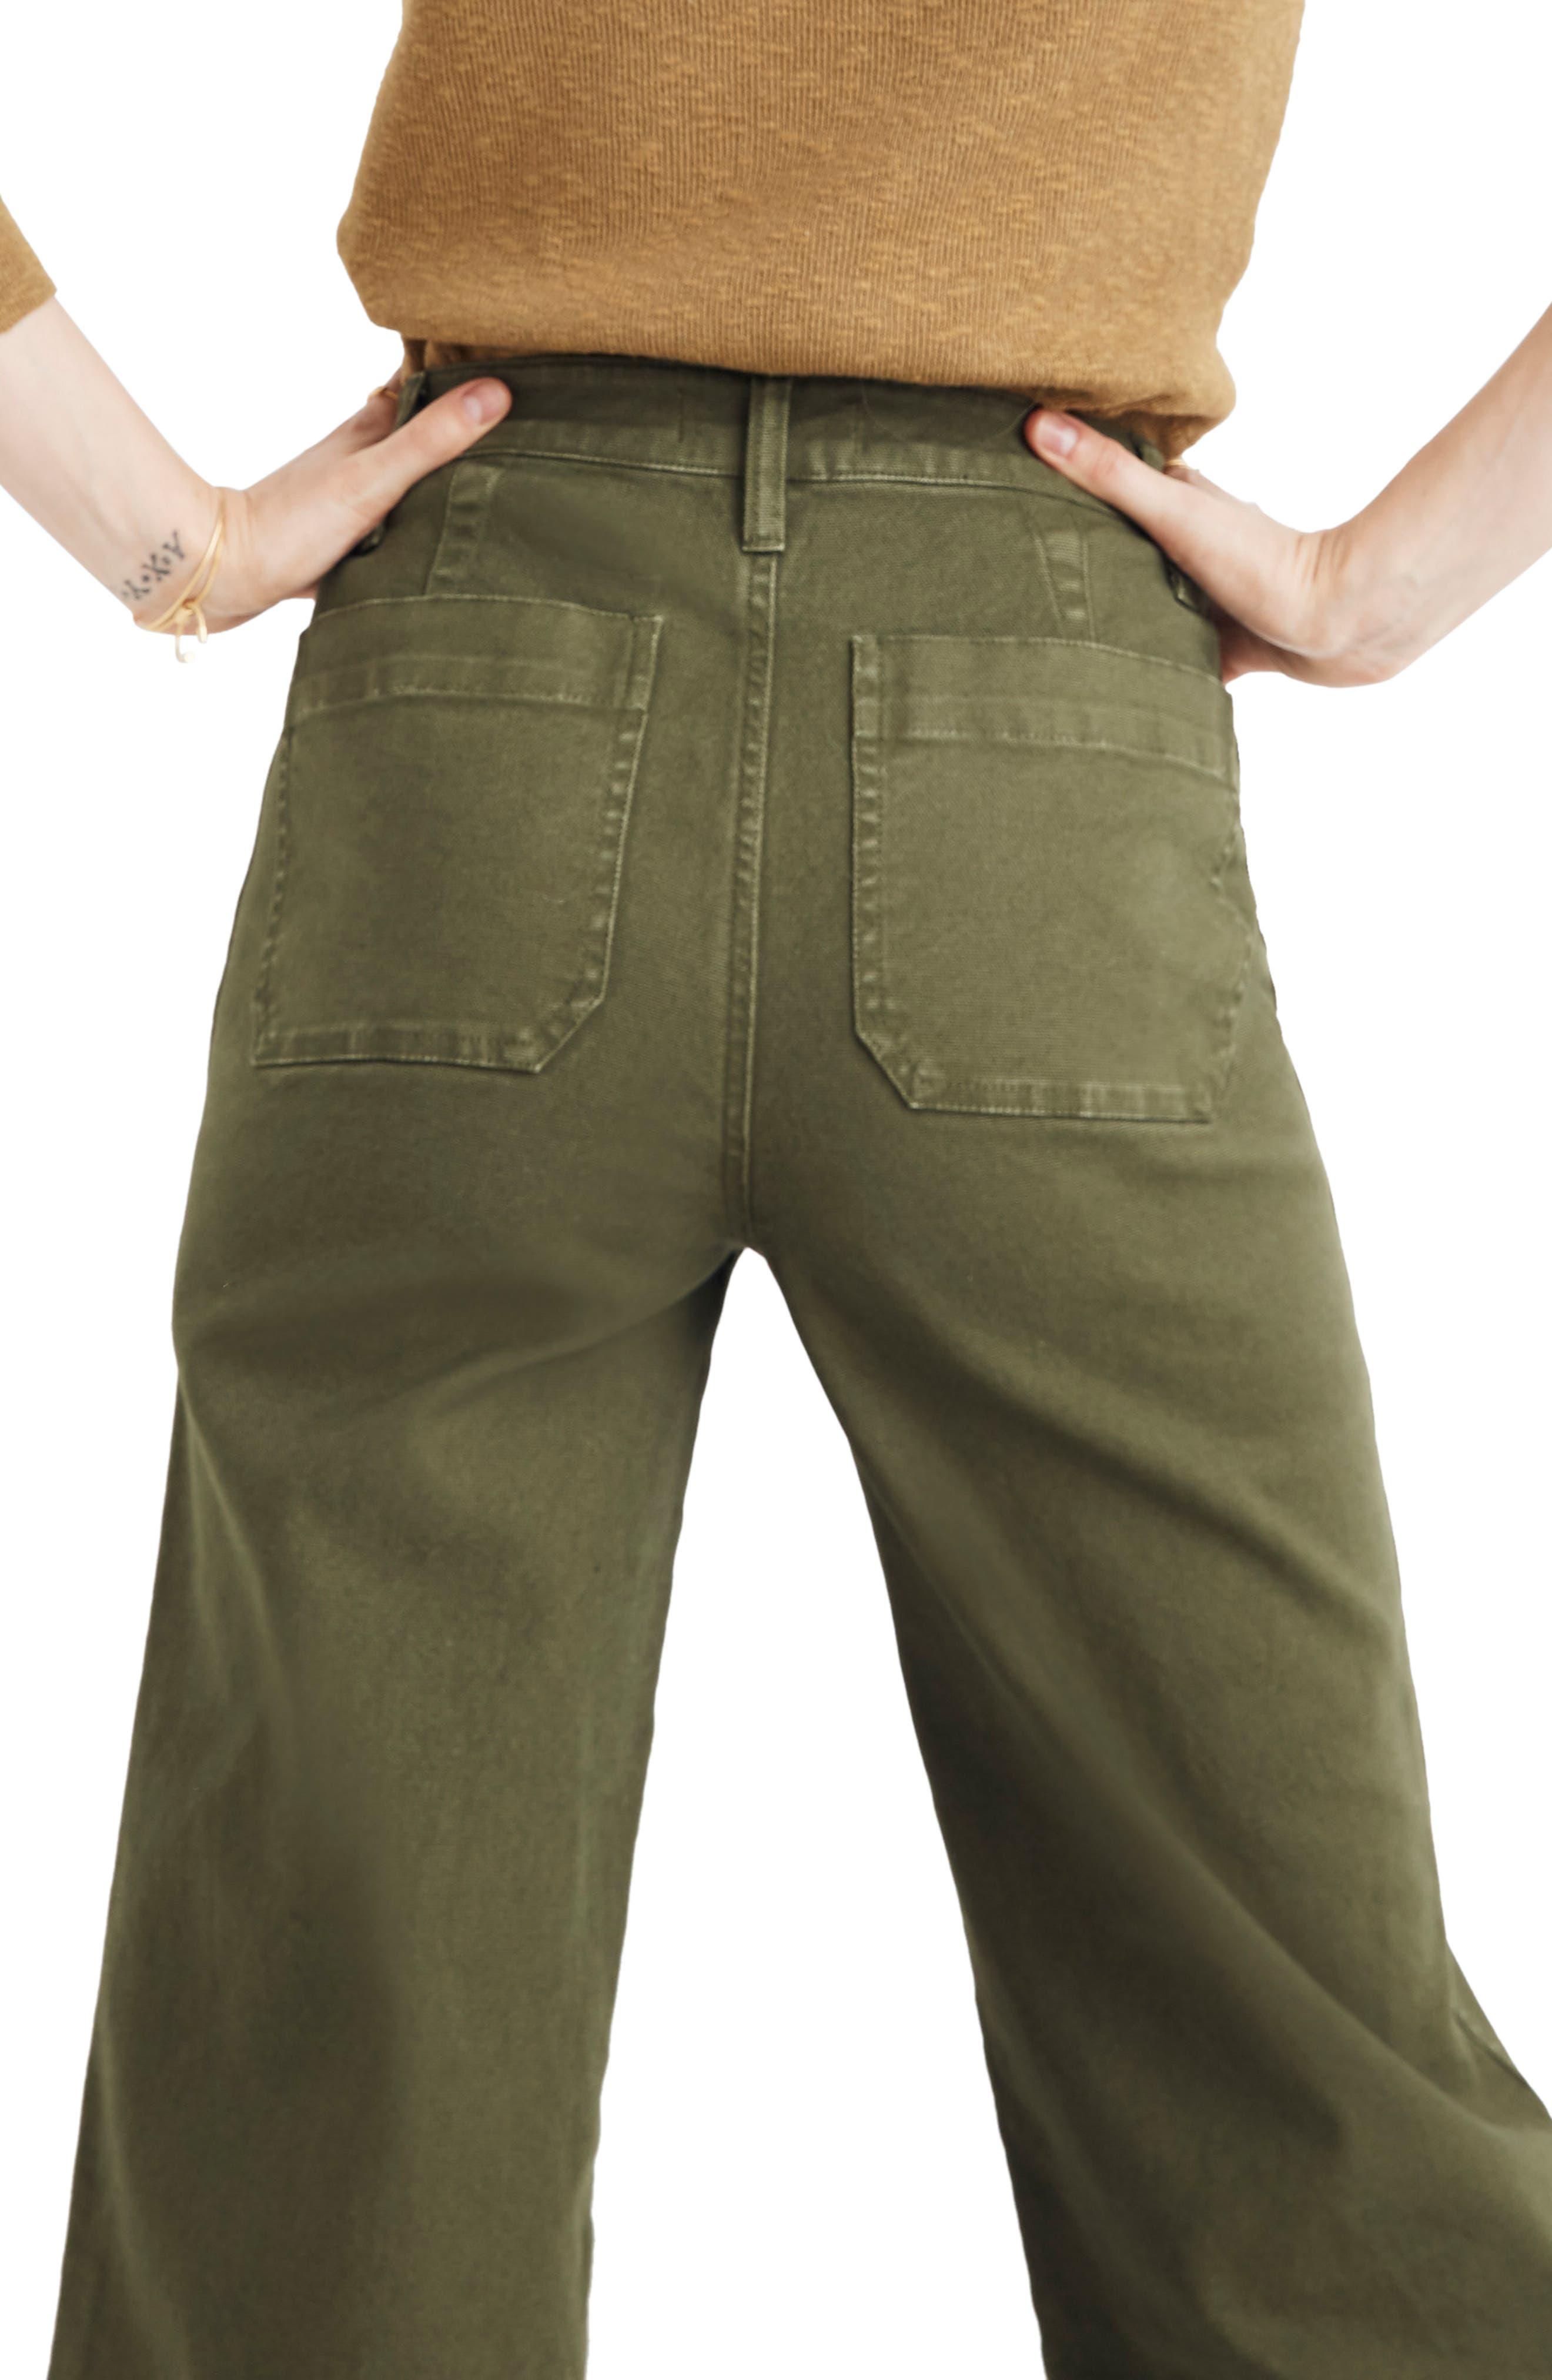 MADEWELL, Emmett Crop Wide Leg Pants, Alternate thumbnail 2, color, LODEN